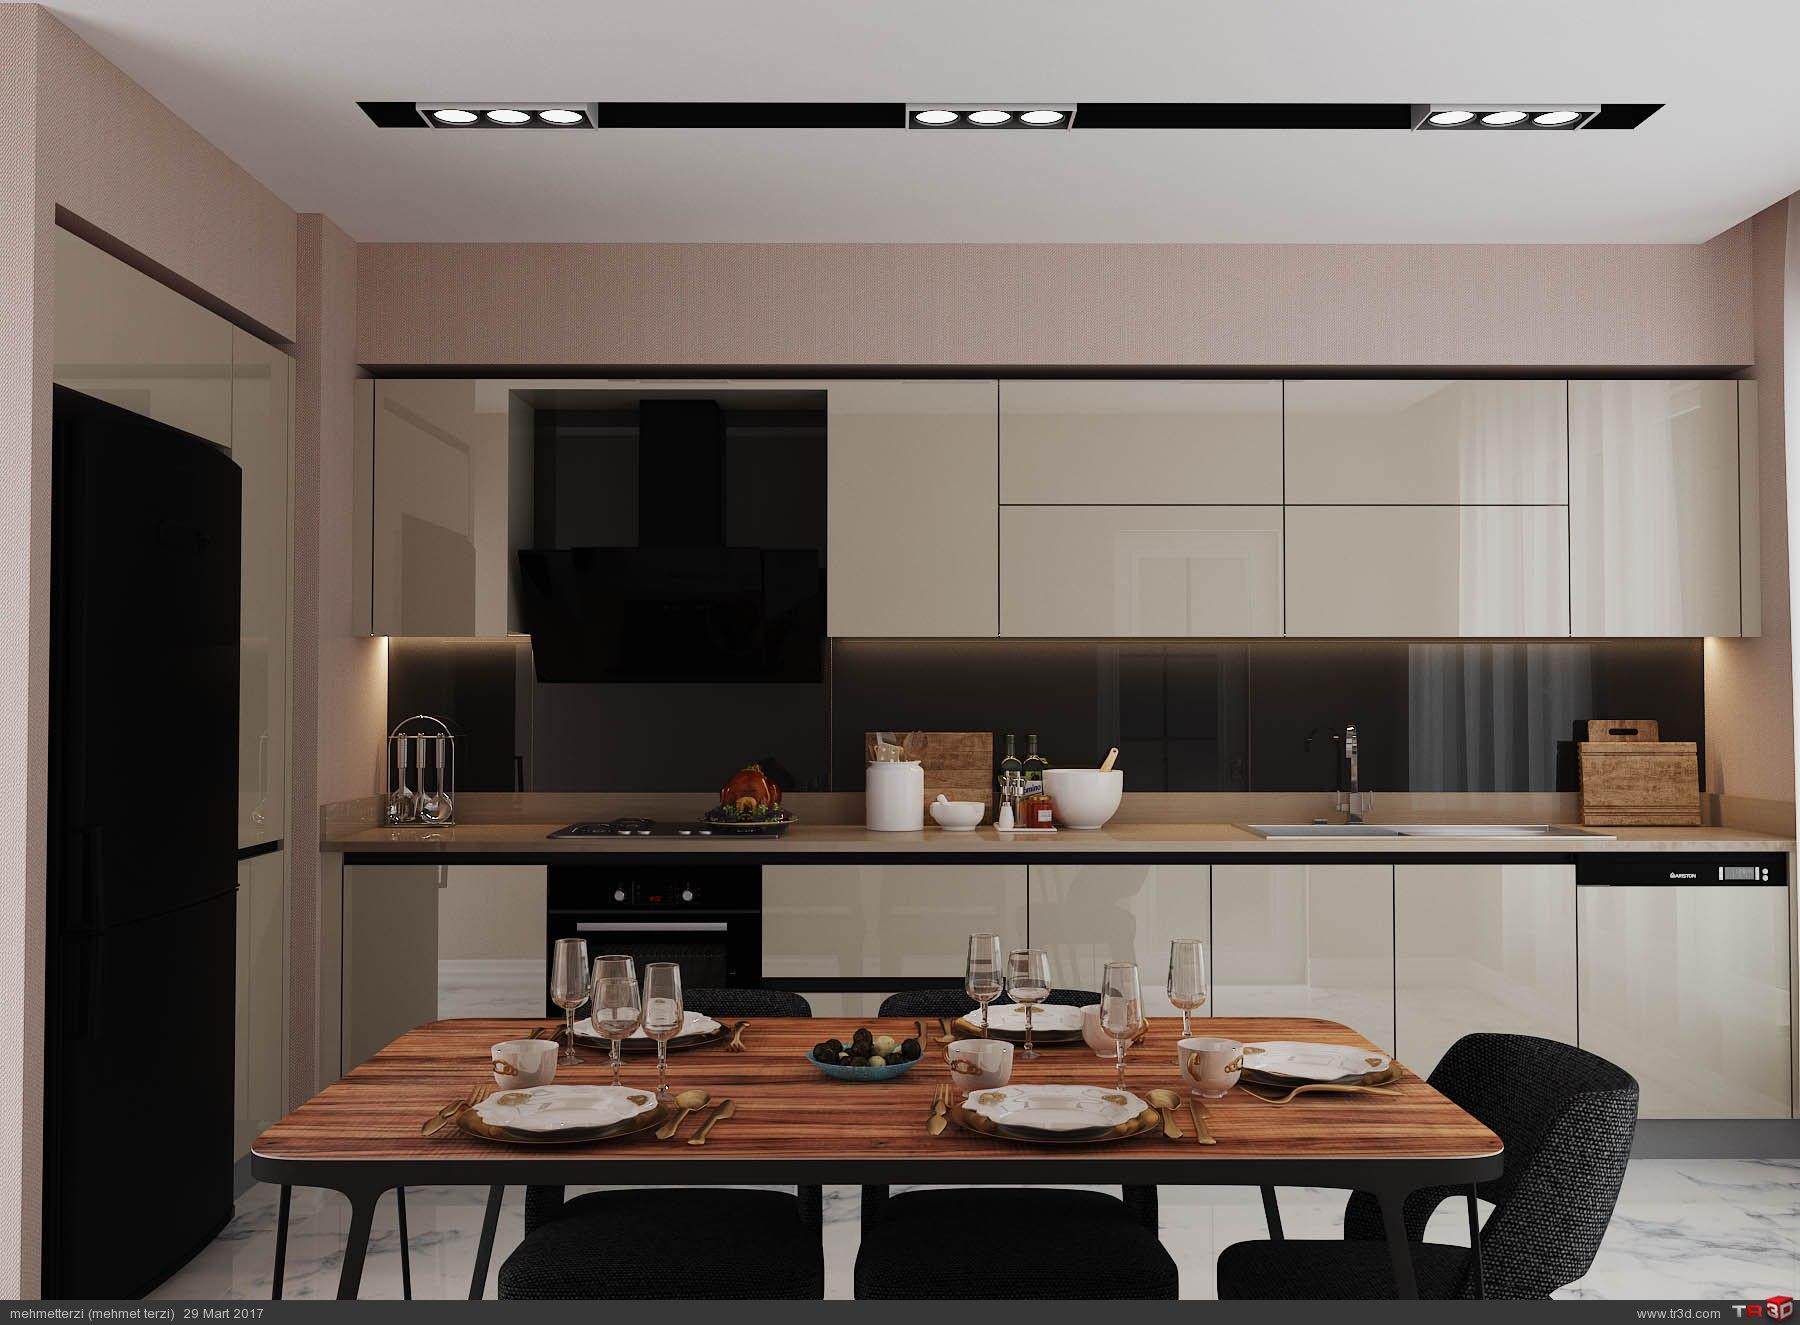 R.K. örnek daire tasarım 2